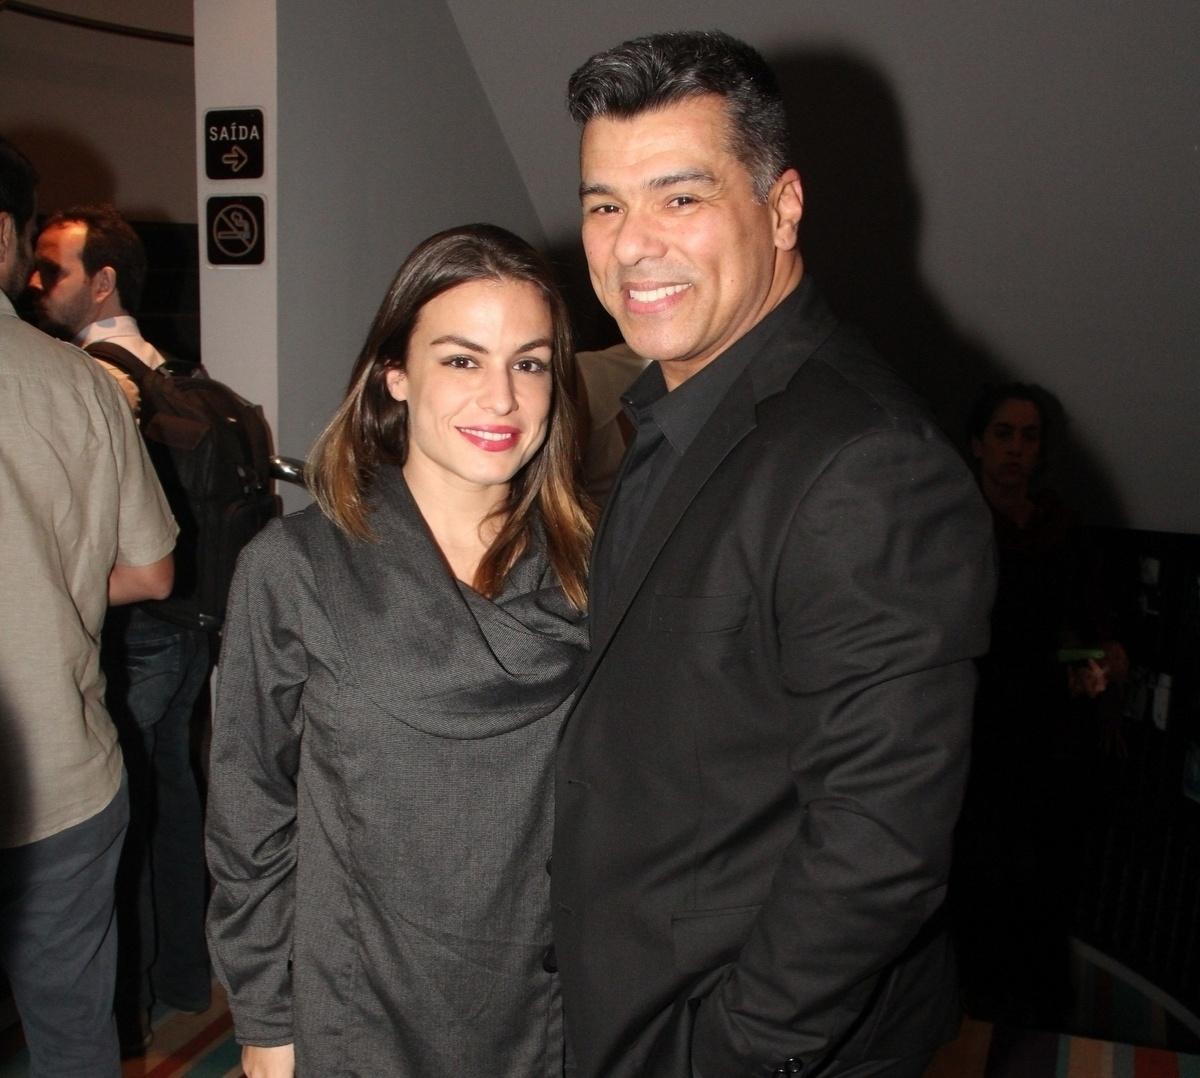 24.set.2014 - O ator Maurício Mattar e sua namorada, Bianca Andrada, posam para fotos na abertura do Festival do Rio 2014. O evento vai até o dia 8 de outubro, com mais de 300 filmes na programação